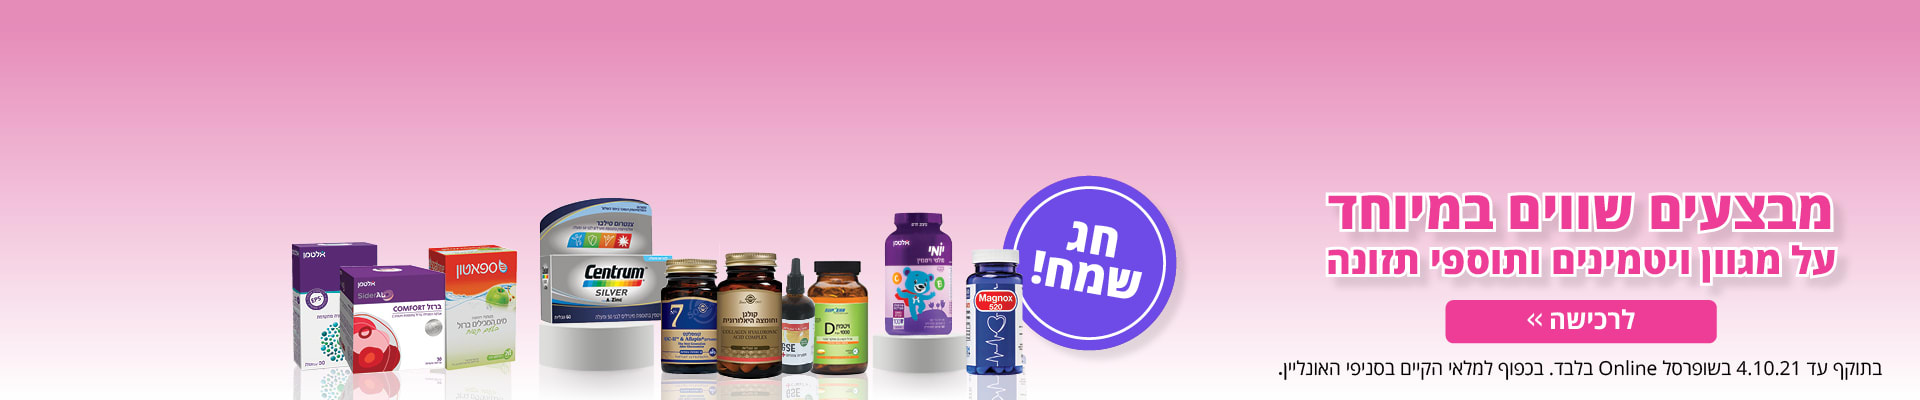 מבצעים שווים במיוחד על מגוון ויטמינים ותוספי תזונה. בתוקף עד 4.10.21 בשופרסל Online בלבד. בכפוף למלאי הקיים בסניפי האונליין. לרכישה>>